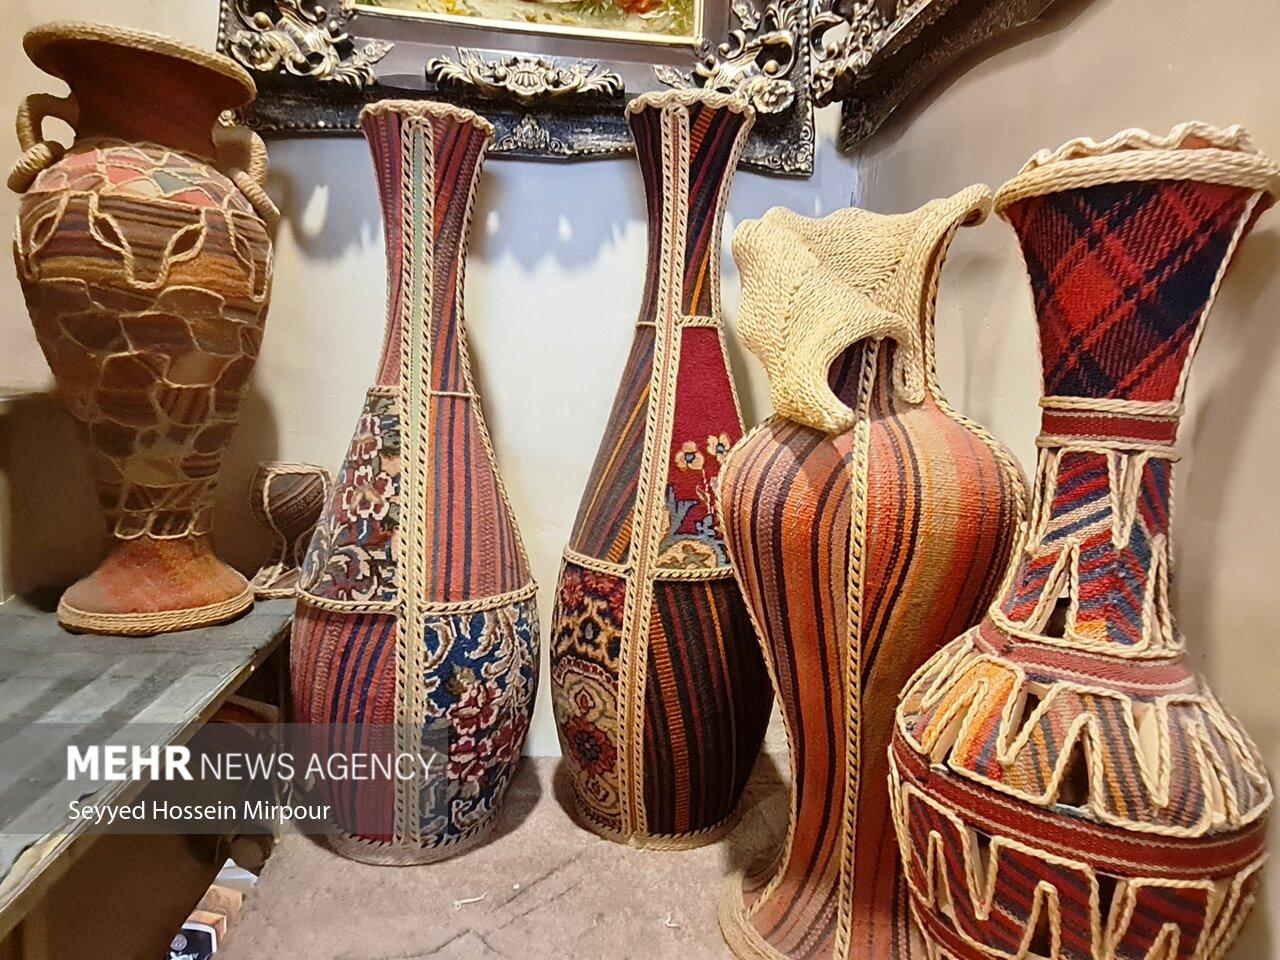 زیبایی های تارو پود در بازار فرش مشهد